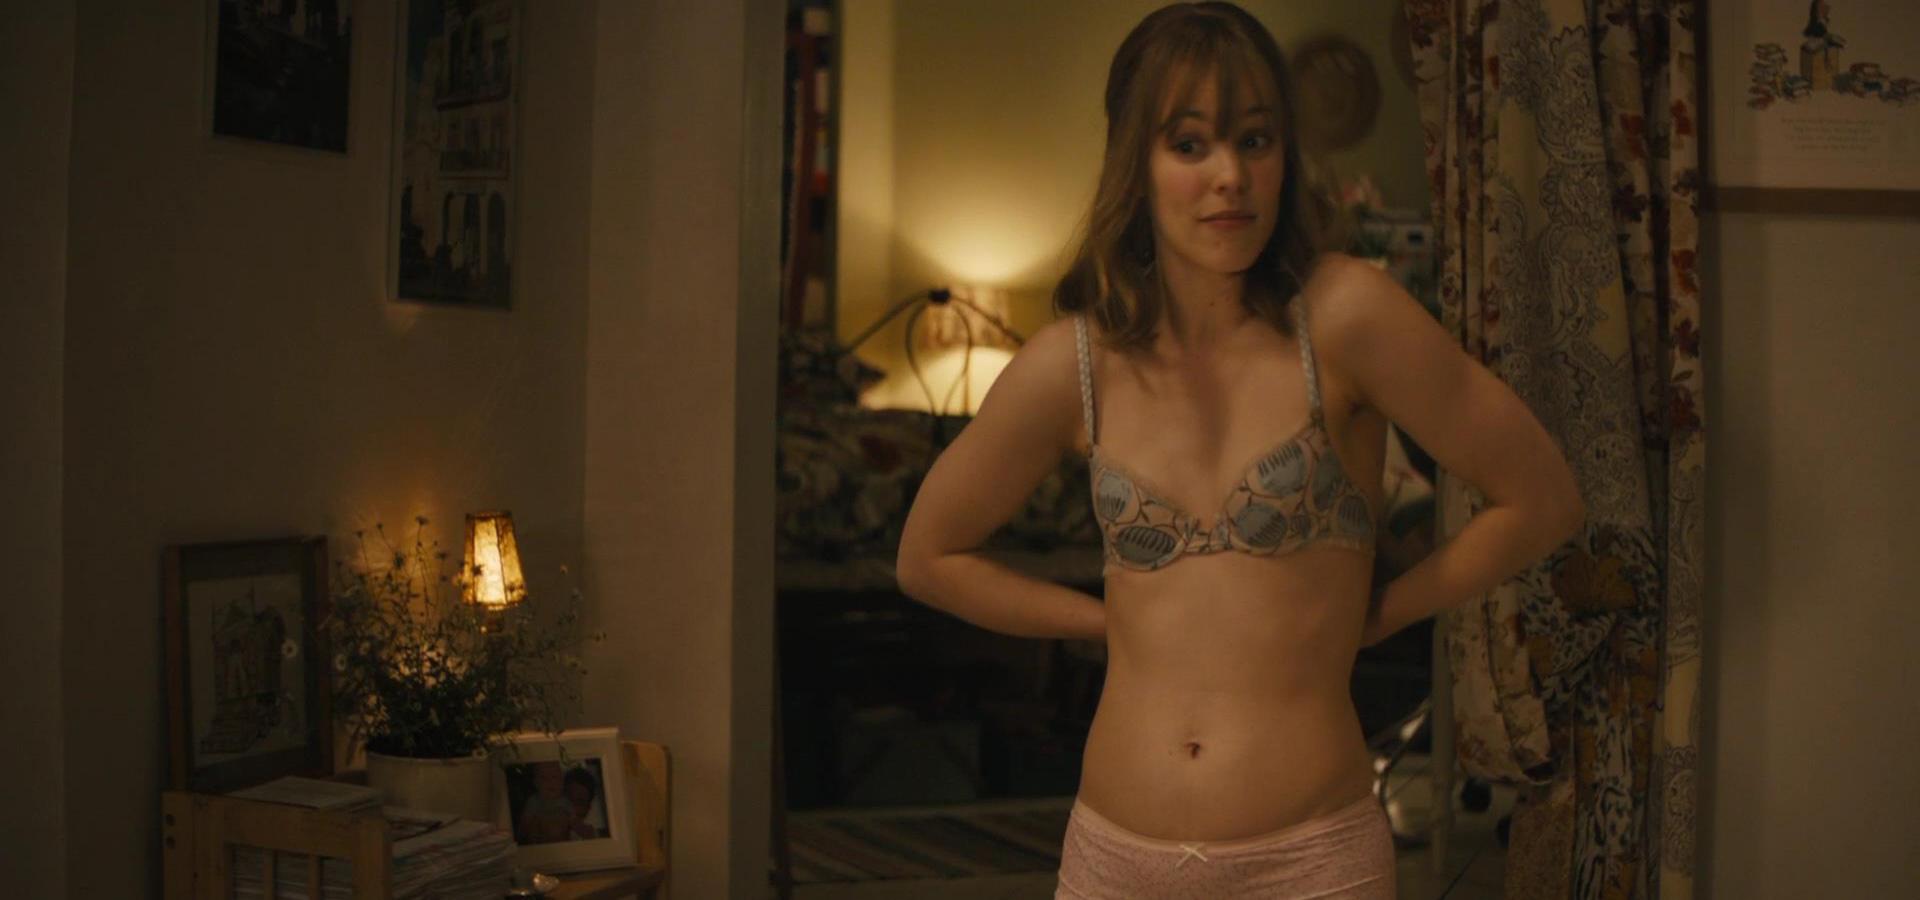 Beth riesgraf nude